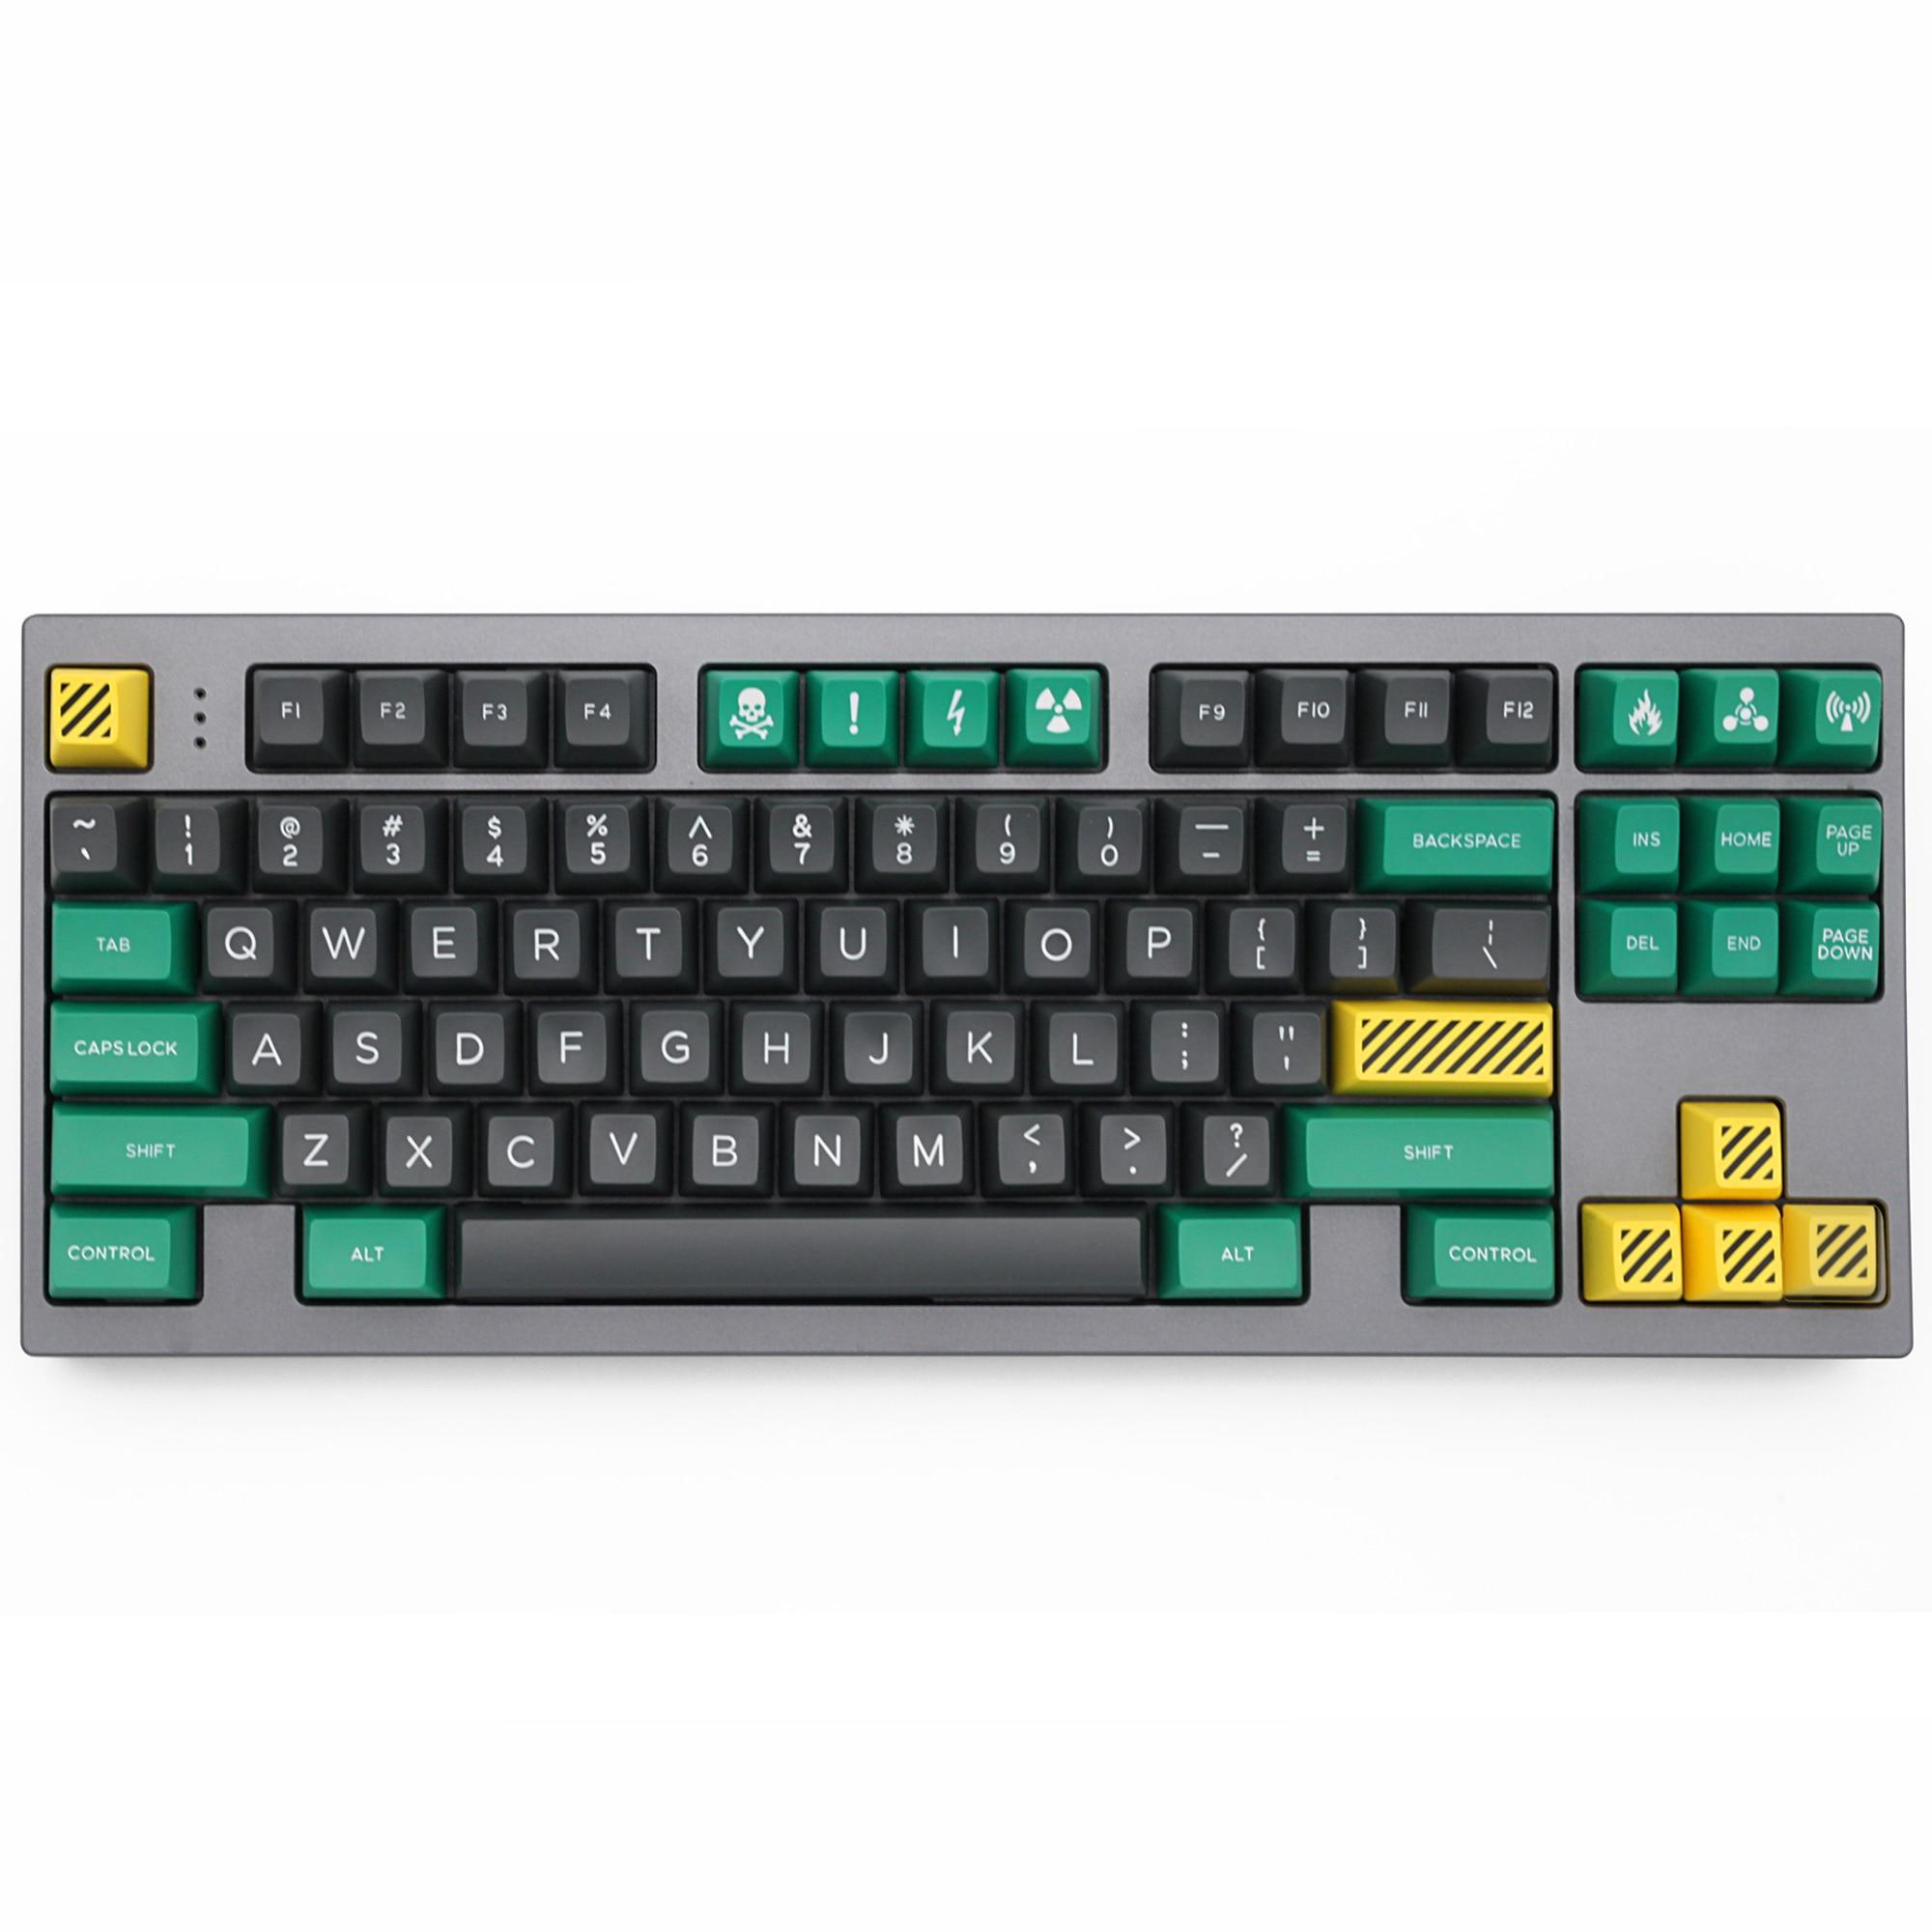 Domikey Sa ABS Doubleshot Keycap Bộ Khủng Hoảng Sa Hồ Sơ Cho MX Thân Bàn Phím Game 87 104 Gh60 Xd64 Xd68 Xd84 xd96 Xd75 Xd87 title=